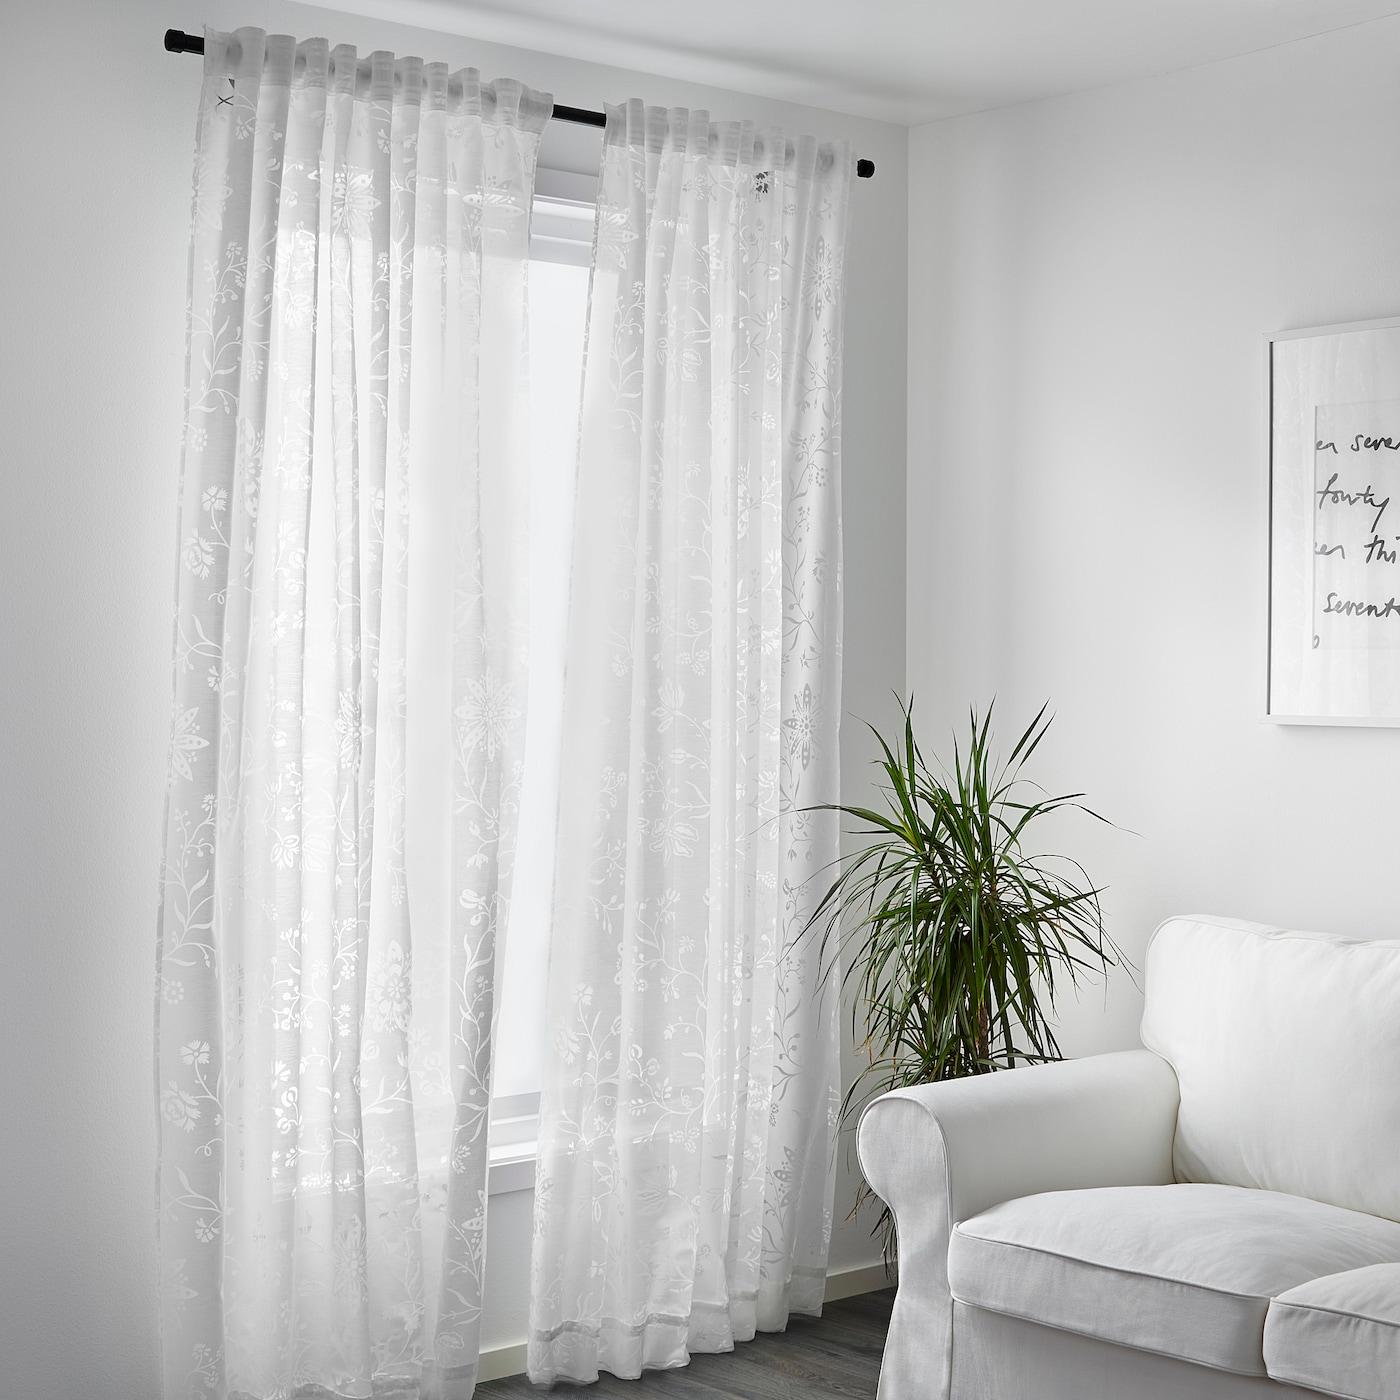 Borghild Sheer Curtains 1 Pair White